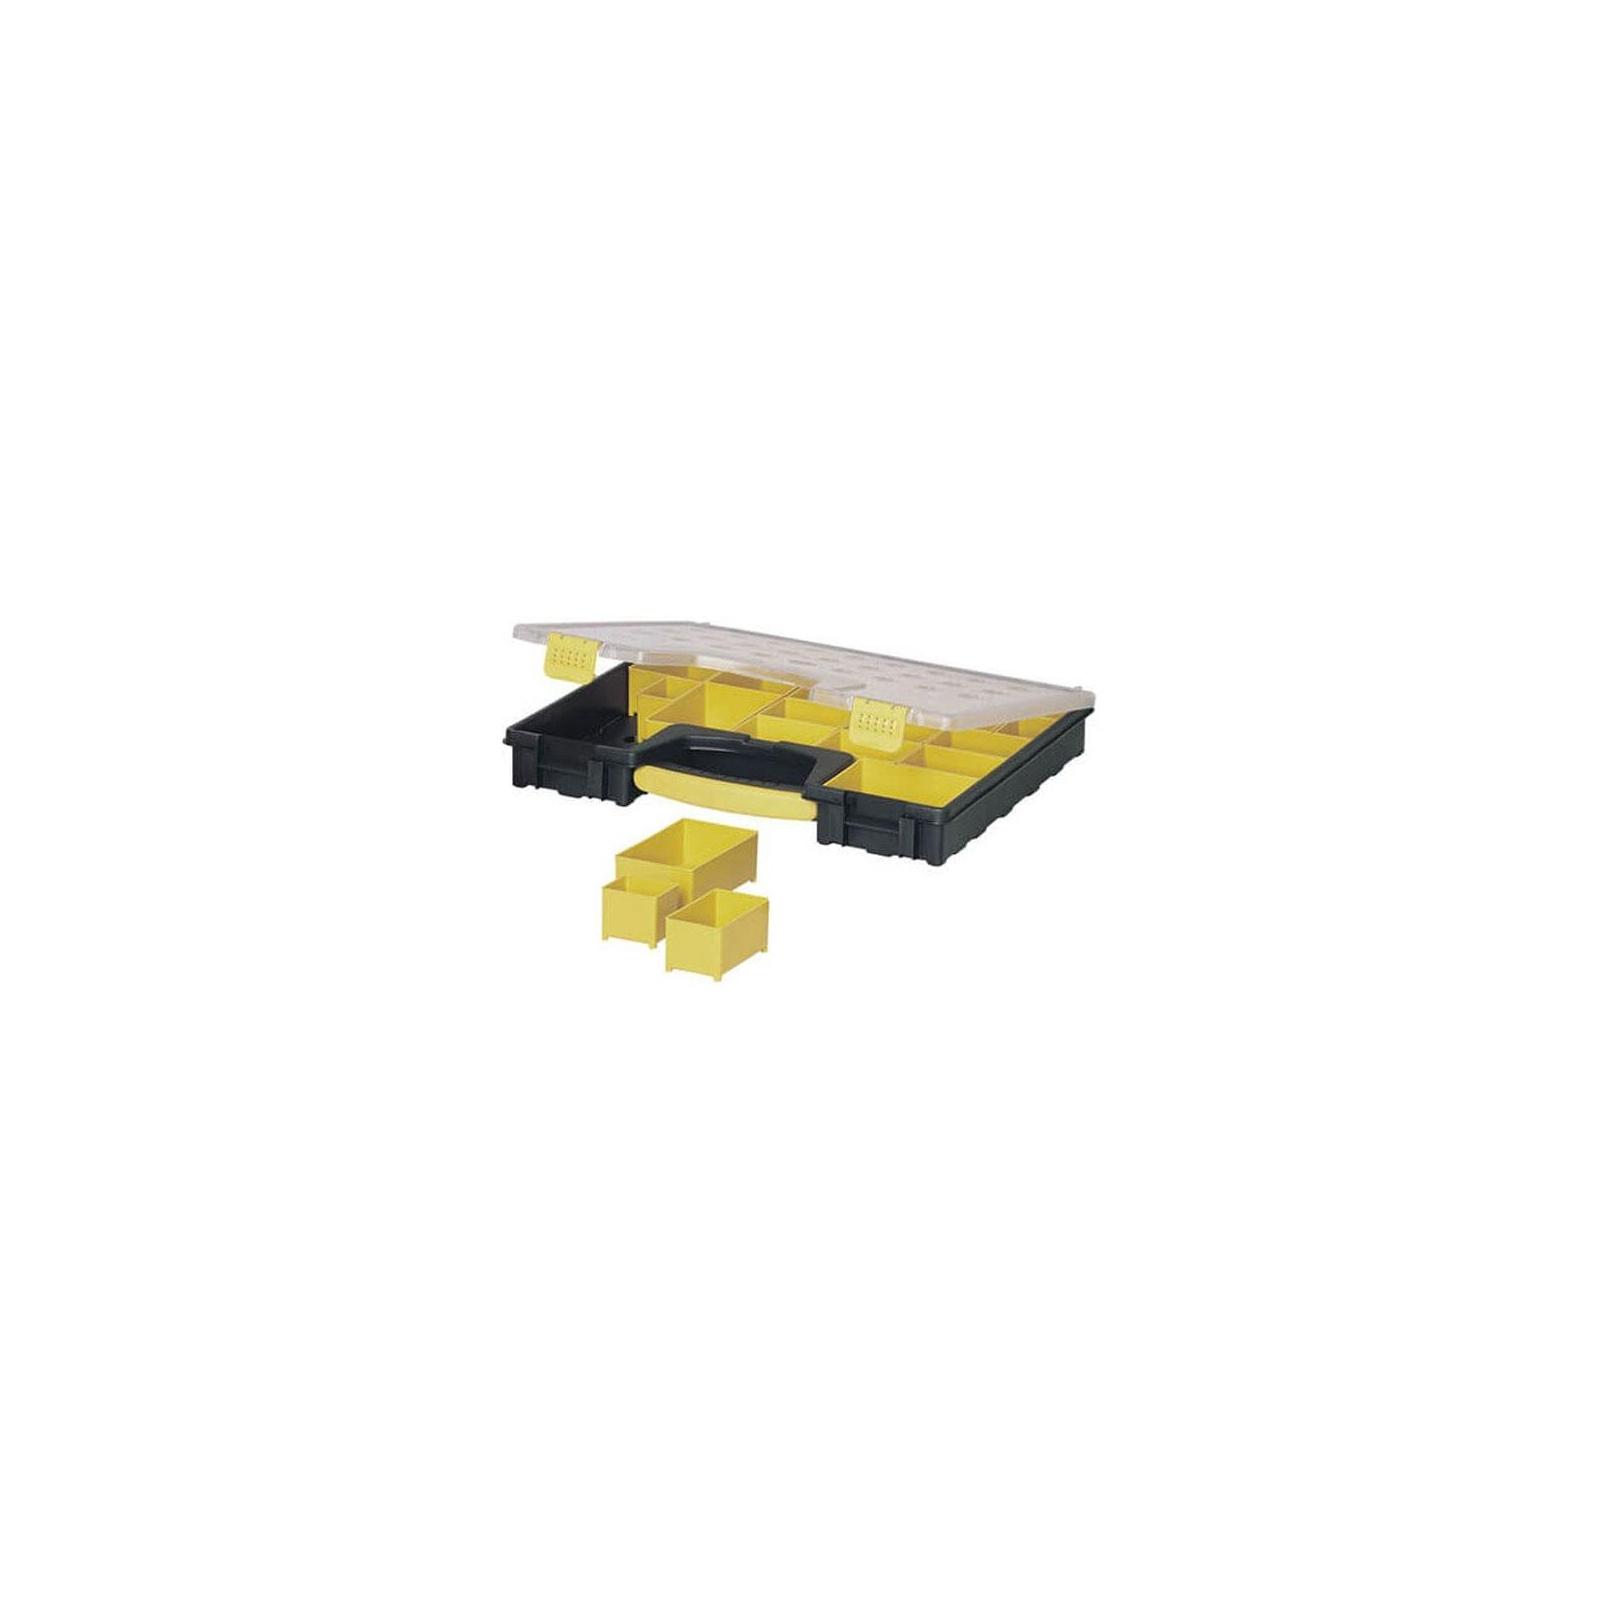 Ящик для инструментов Stanley органайзер профессиональный (422х52х334 мм) (1-92-748) изображение 3